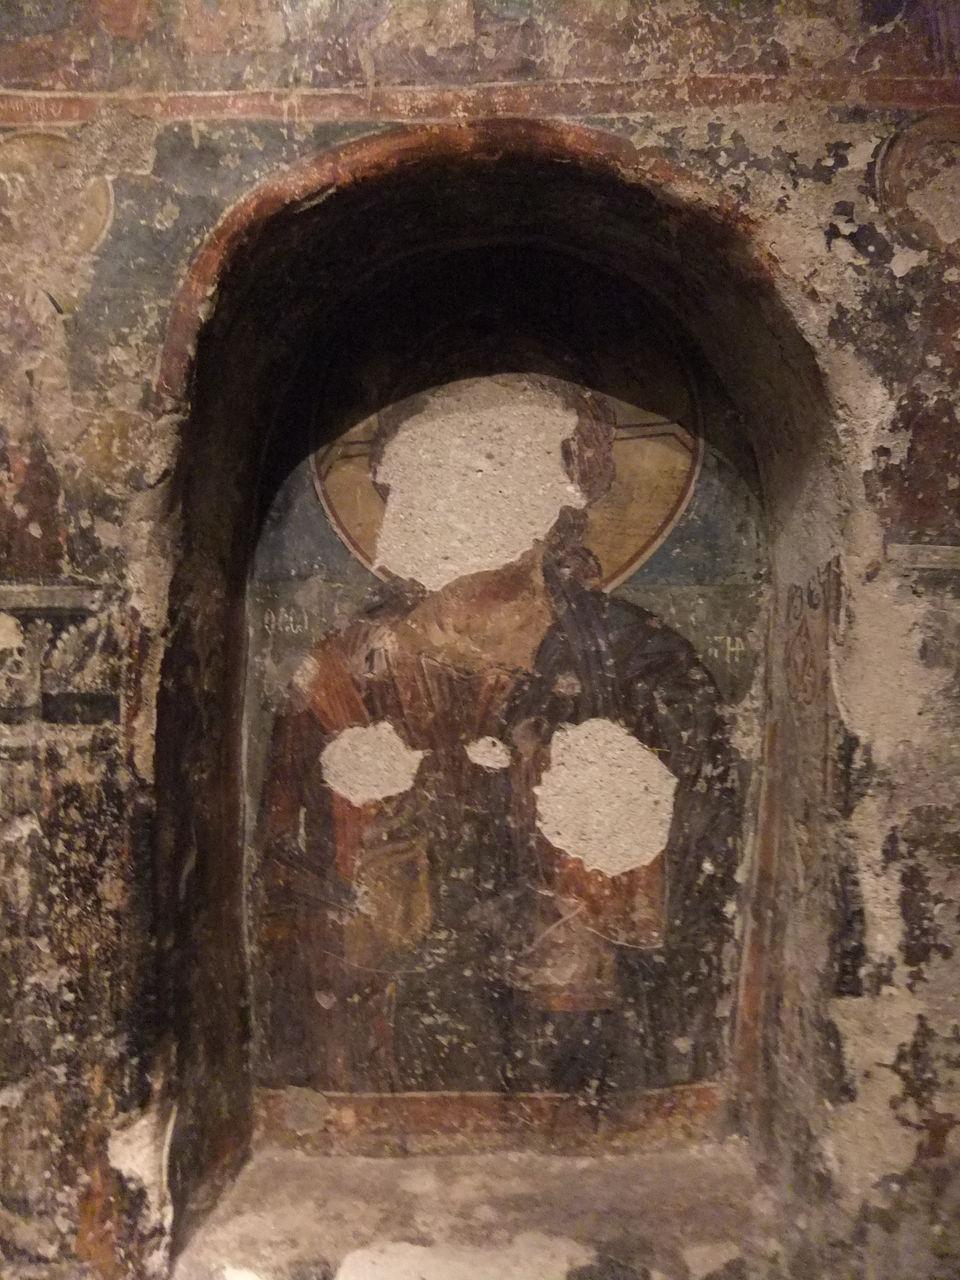 世界史の旅 -探訪記と歴史グッズ-ビザンティン・クリスチャン博物館(アテネ)コメント